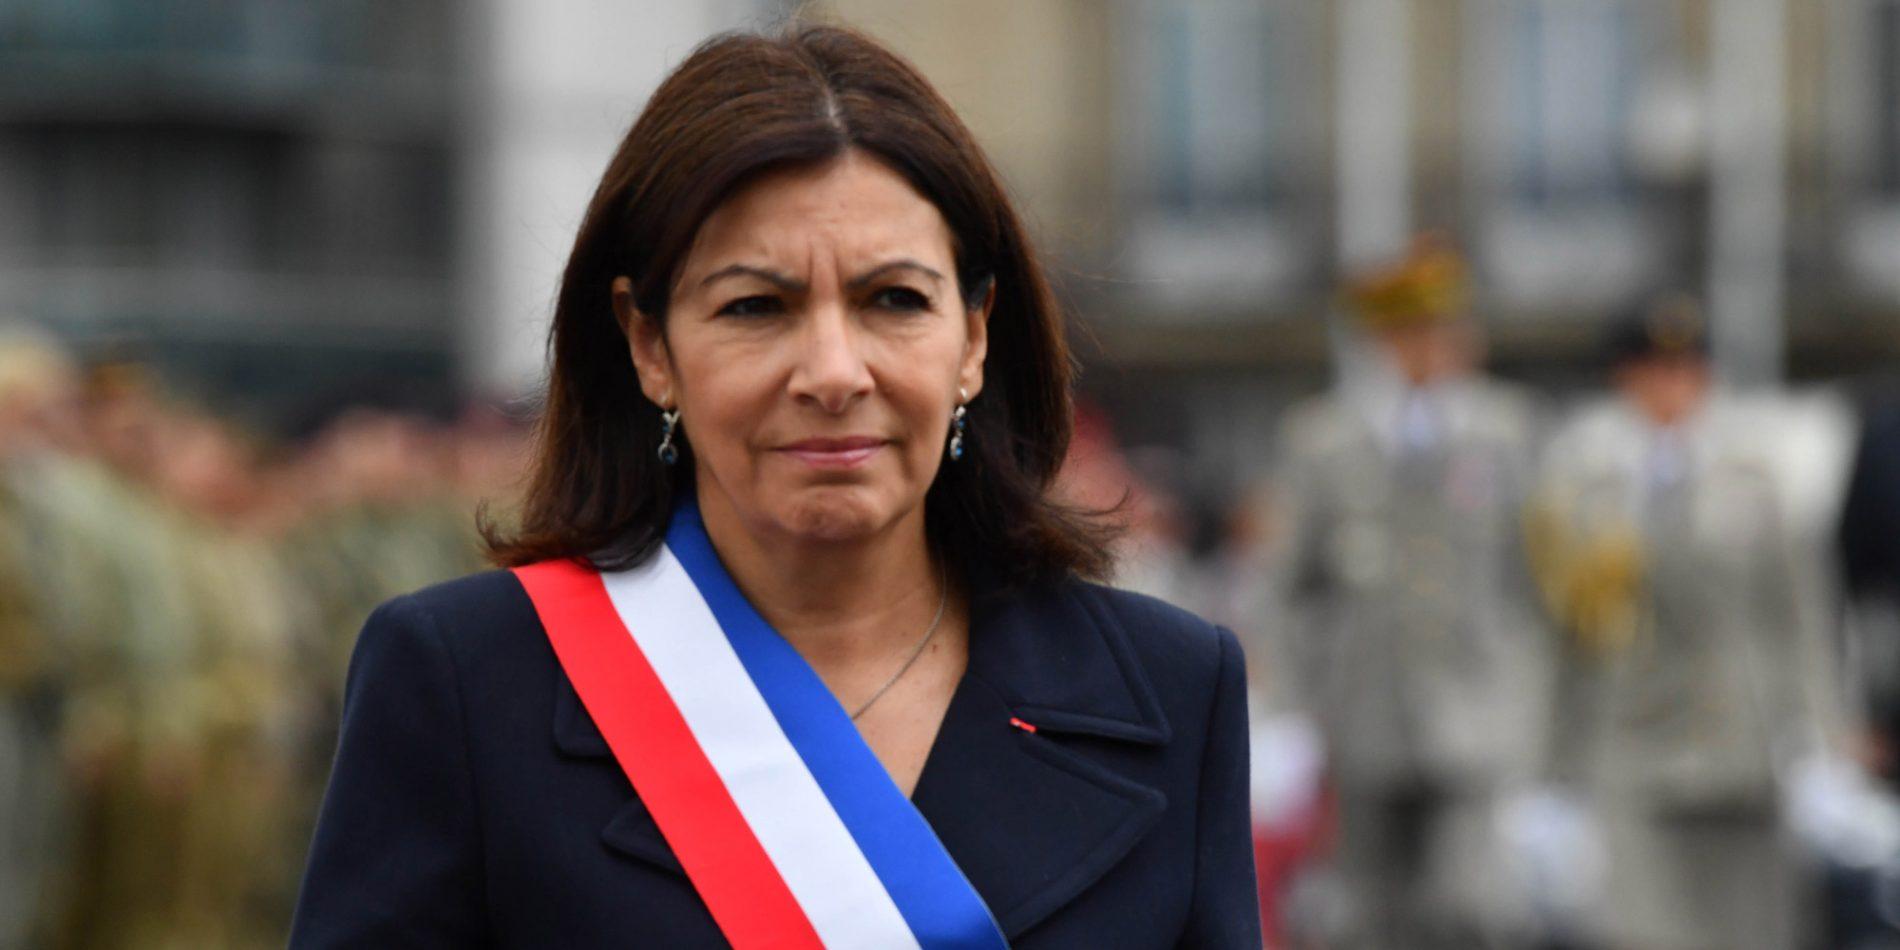 France – Mairie de Paris : Anne Hidalgo va ouvrir des mairies aux sans-abri